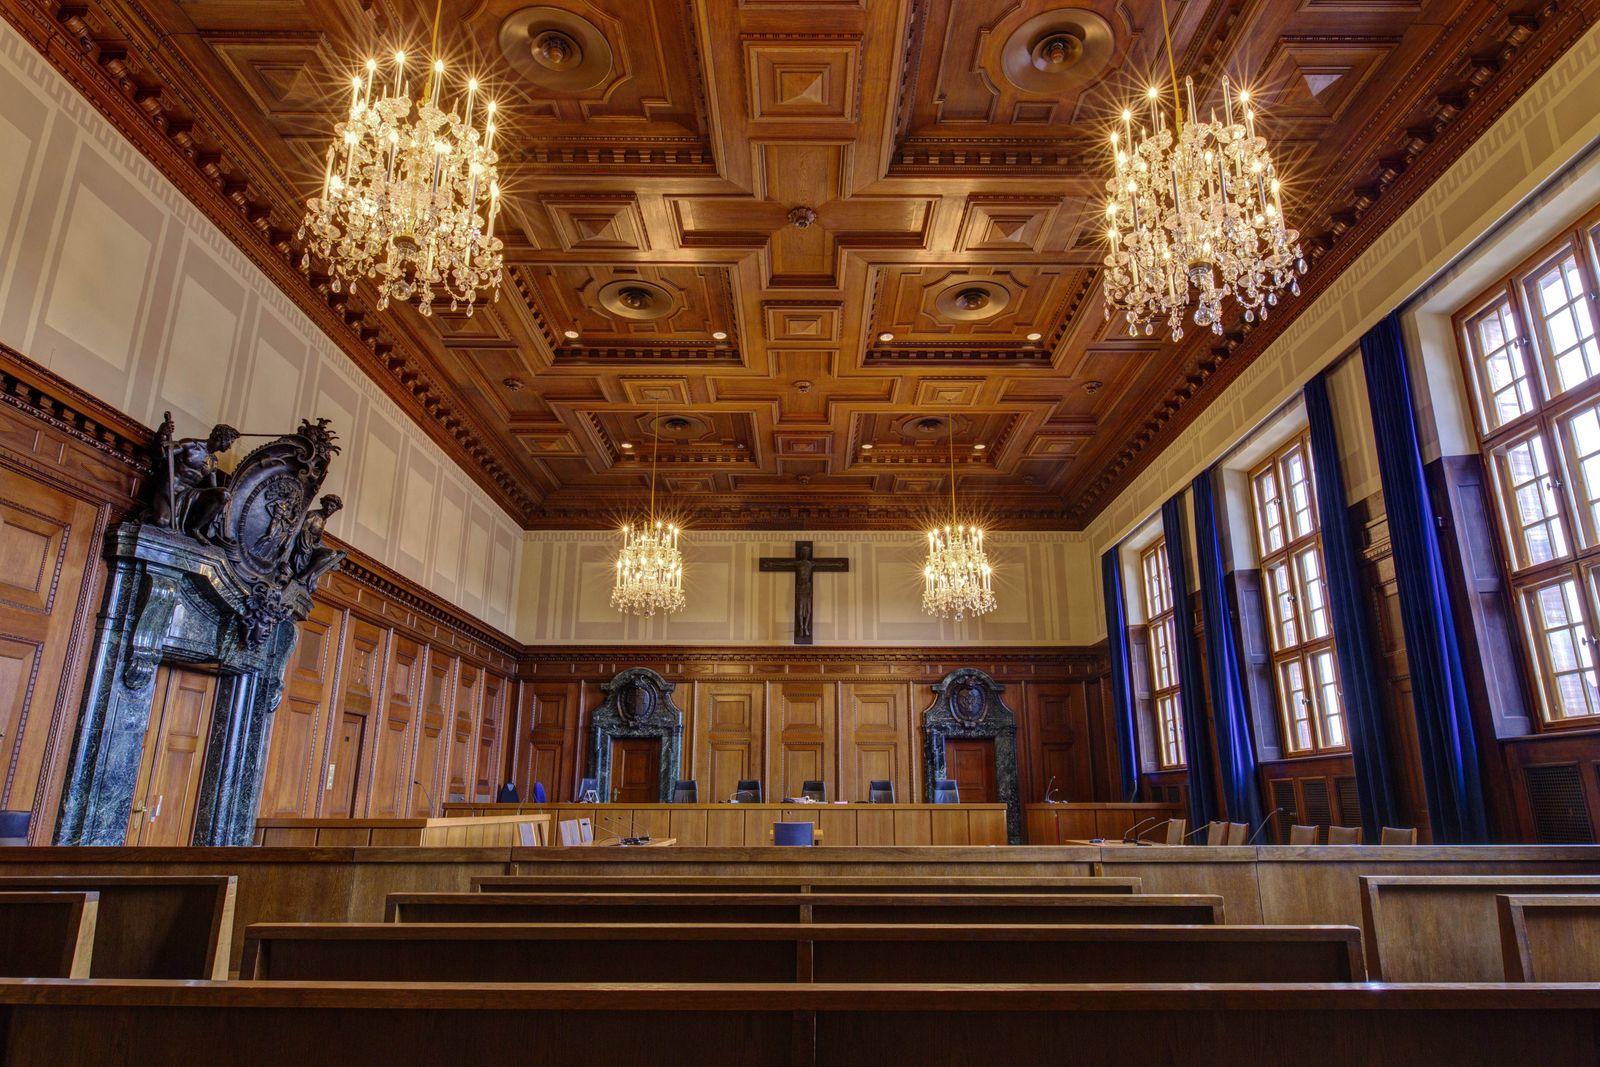 Der Schwurgerichtssaal 600 im Justizpalast Nürnberg Fürther Str 110 Nürnberg 10 02 2017 Foto xC x